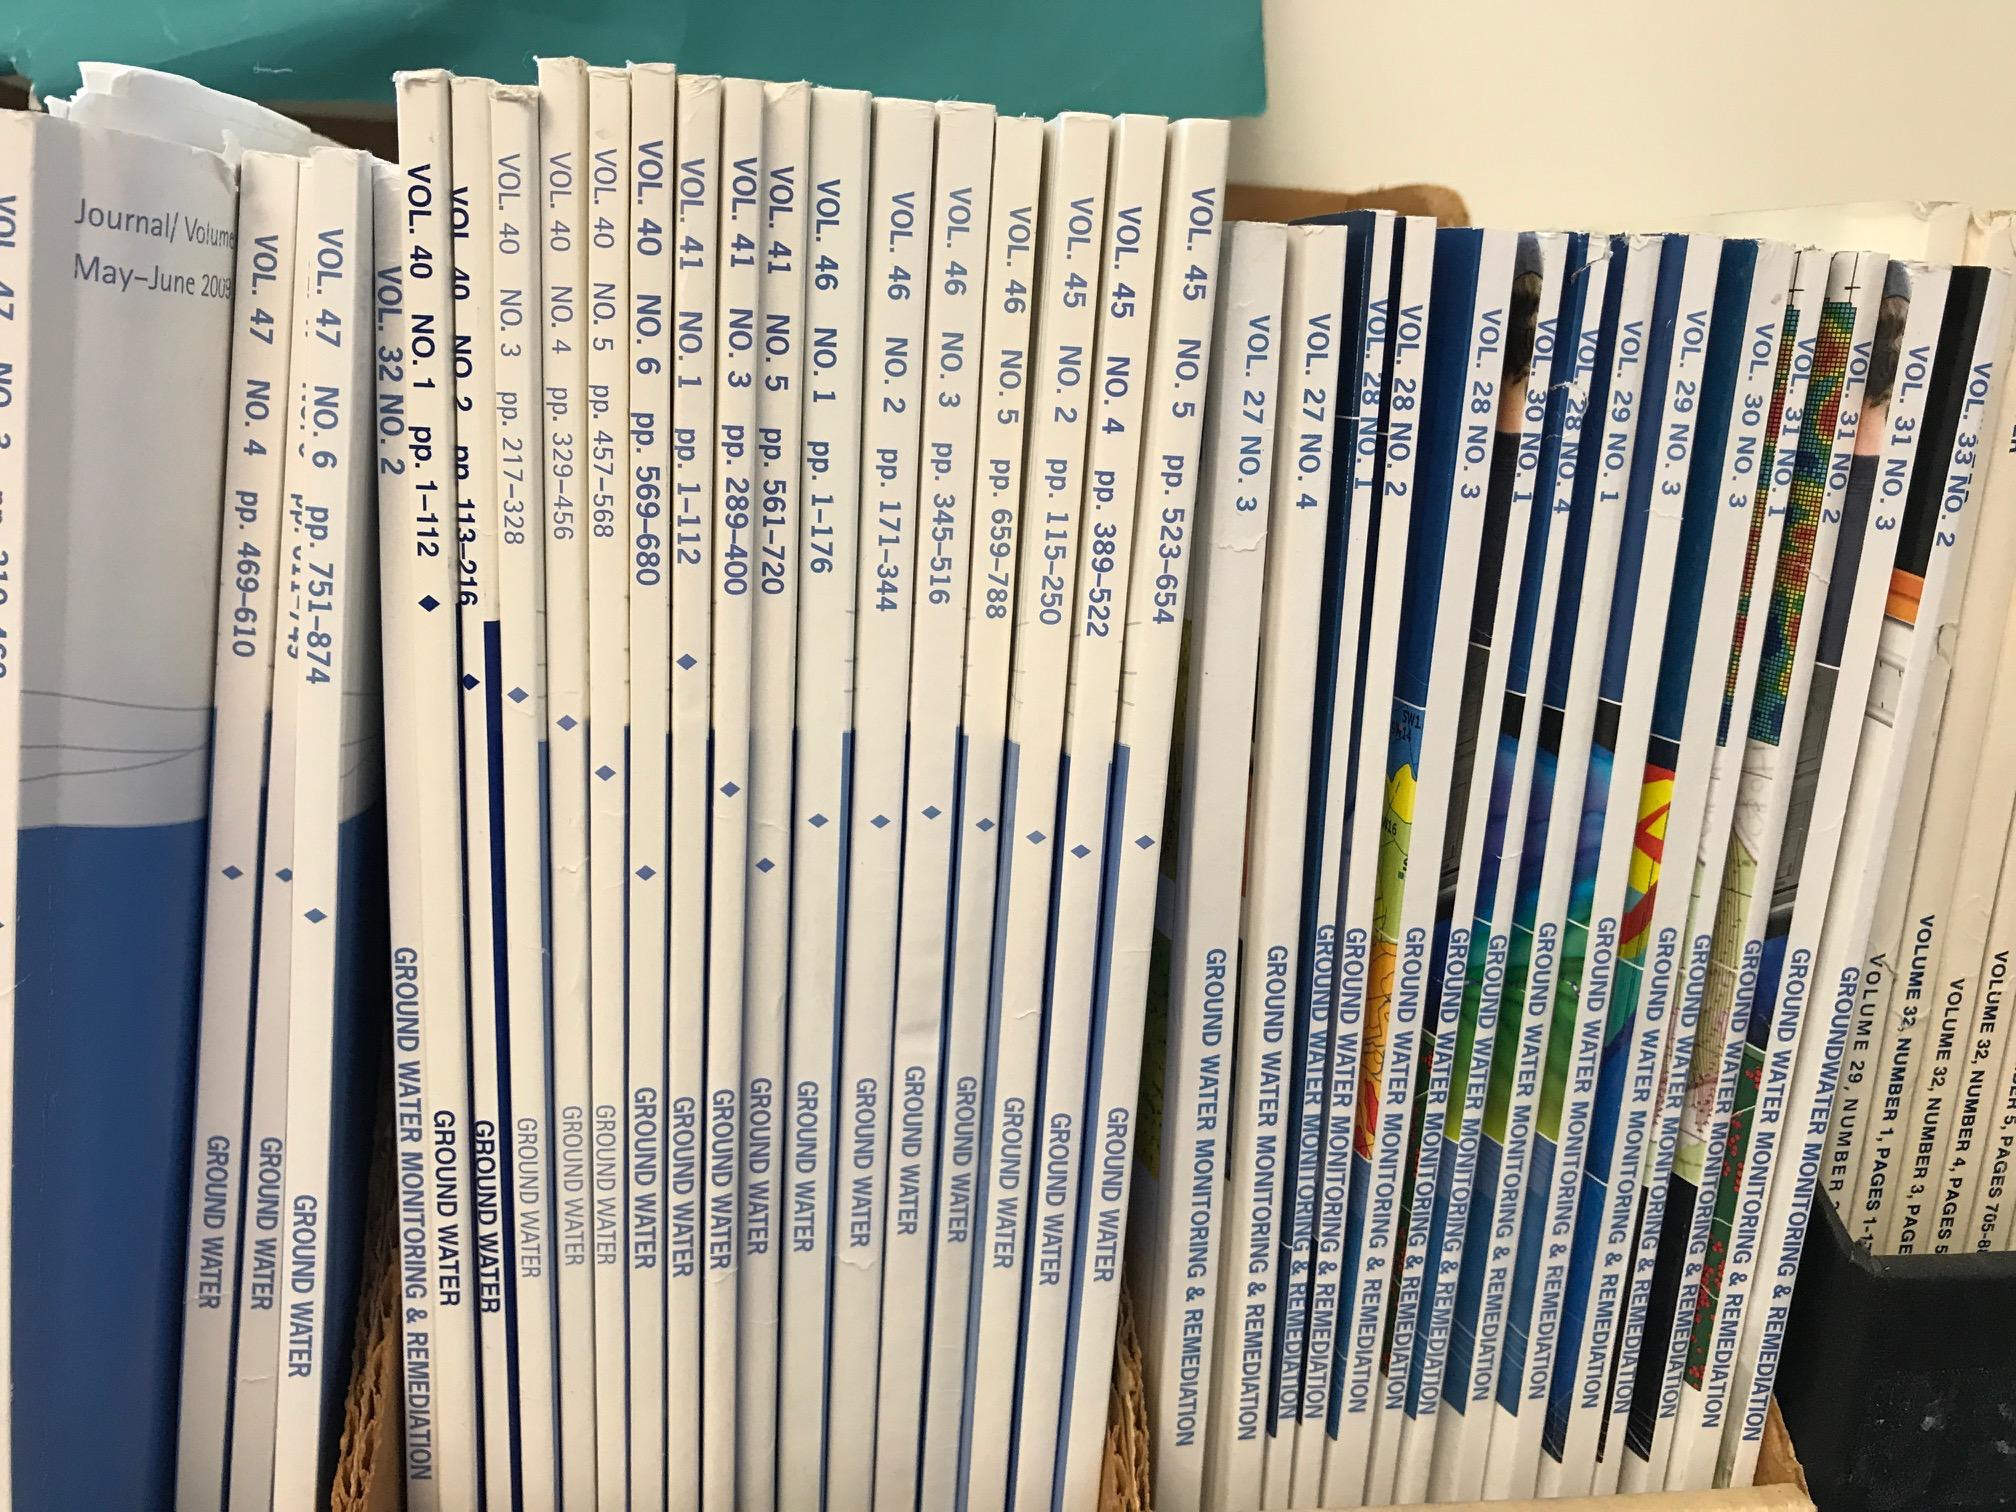 Shelf of journals